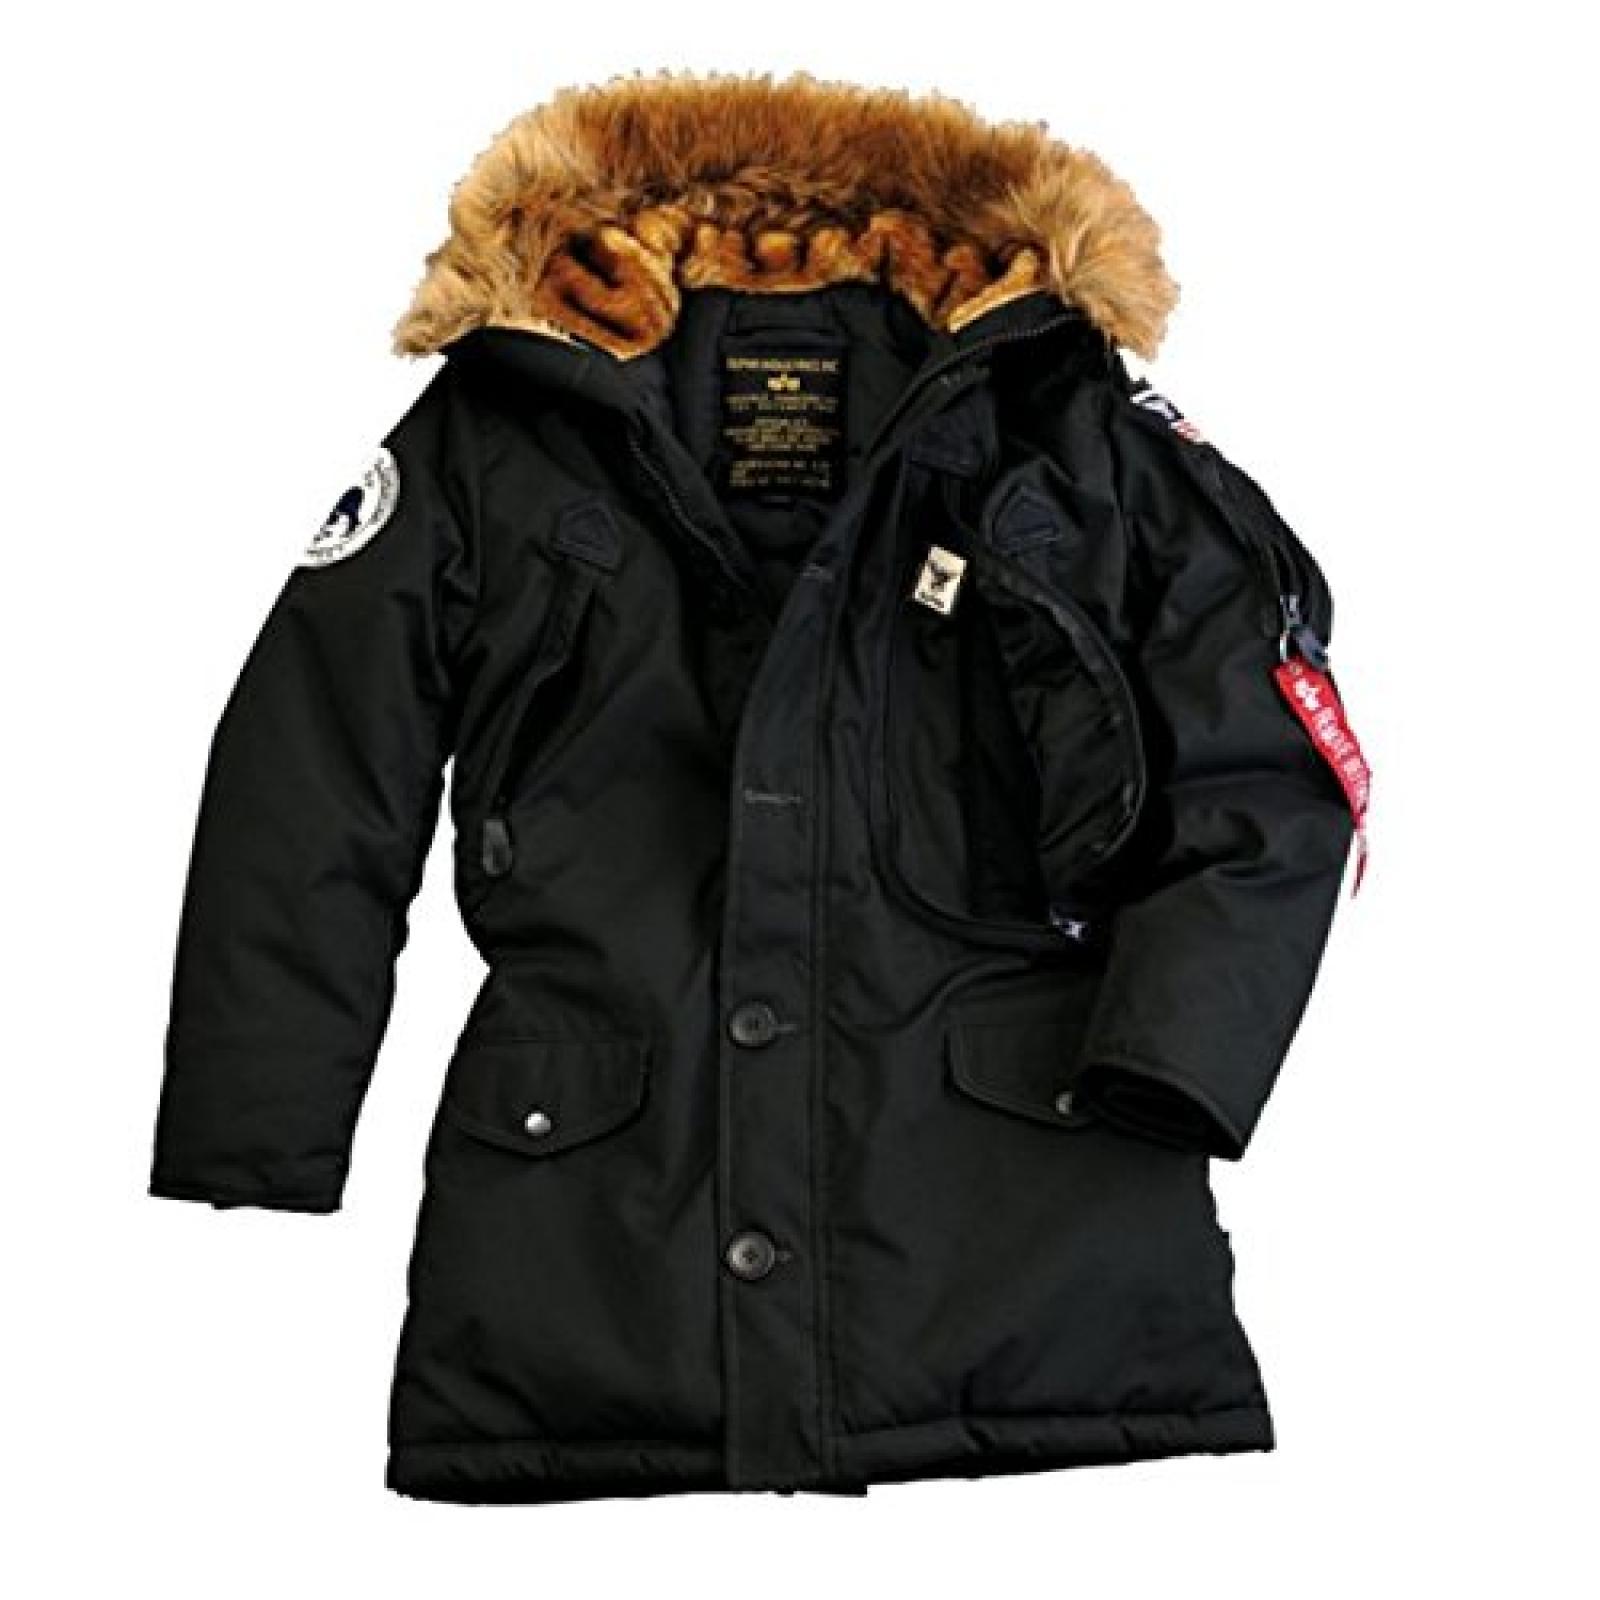 Alpha Ind. Frauen-Jacke Polar Jacket Wmn - black